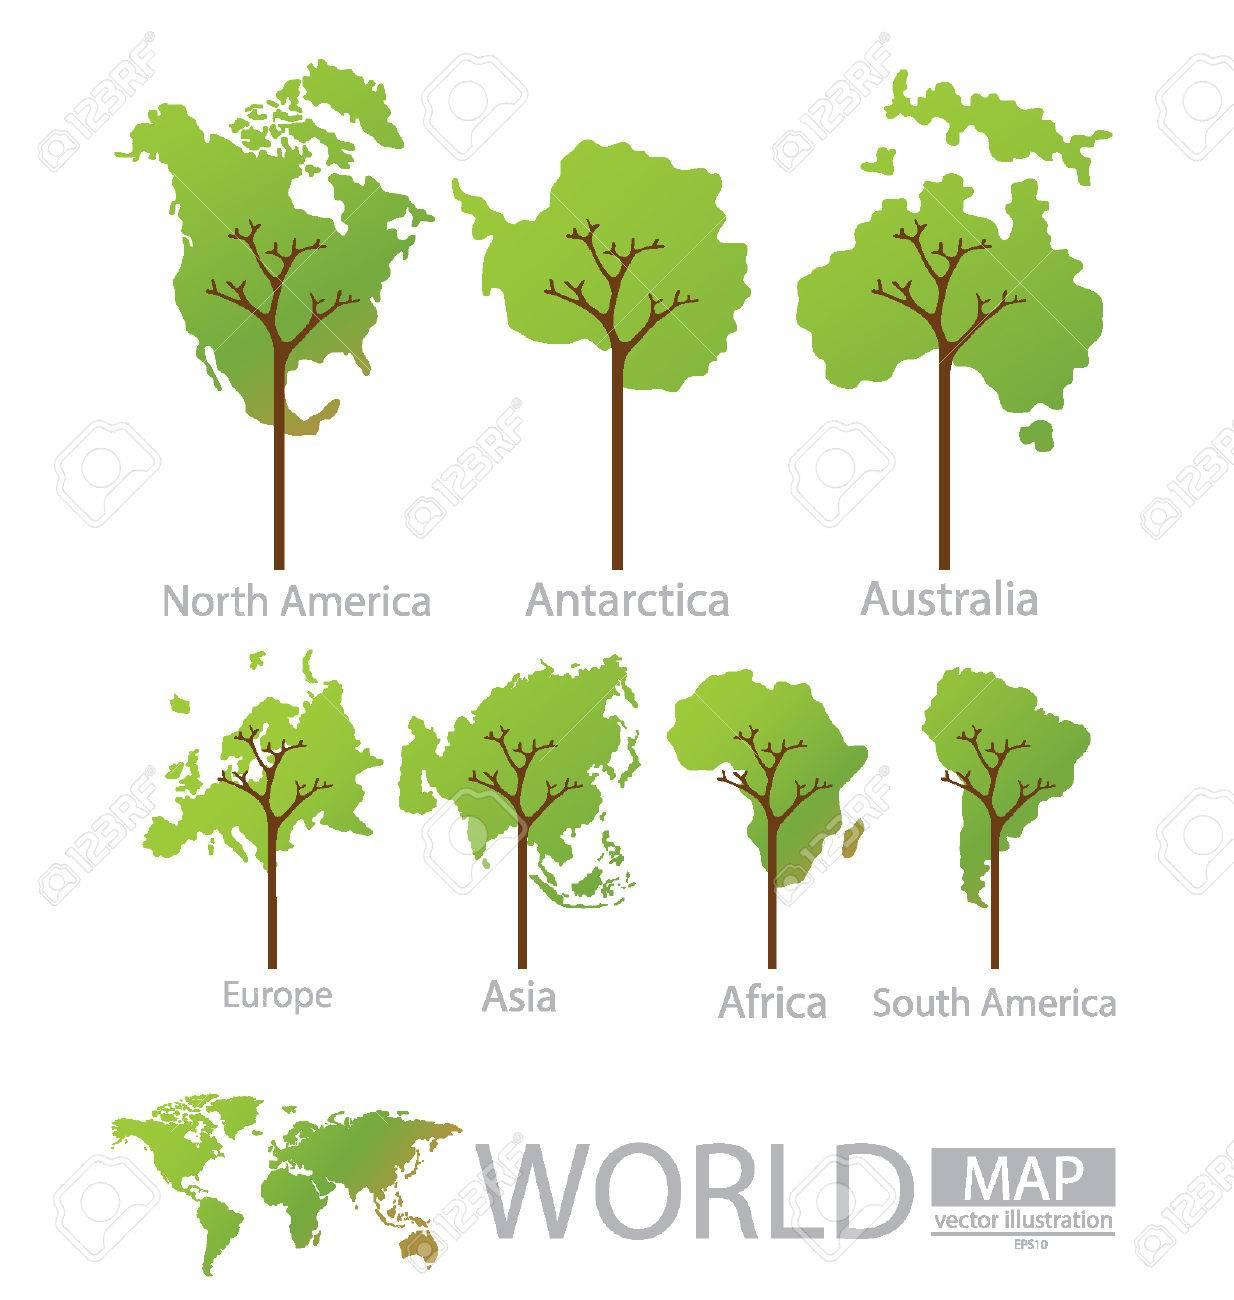 Tree design africa antarctica asia australia europe tree design africa antarctica asia australia europe north america sciox Choice Image